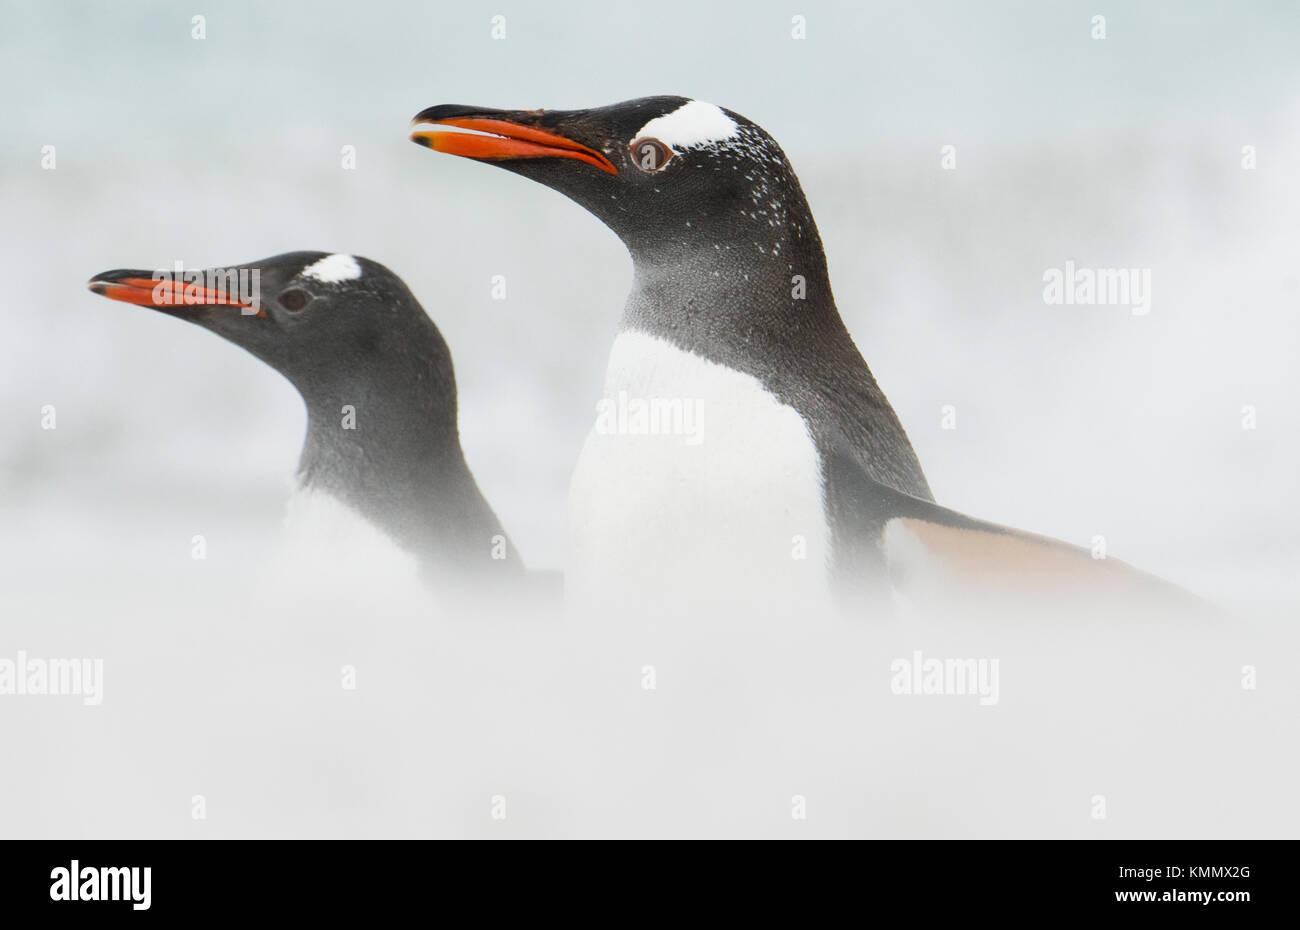 Pingüinos papúa (Pygoscelis papua) Islas Malvinas Imagen De Stock